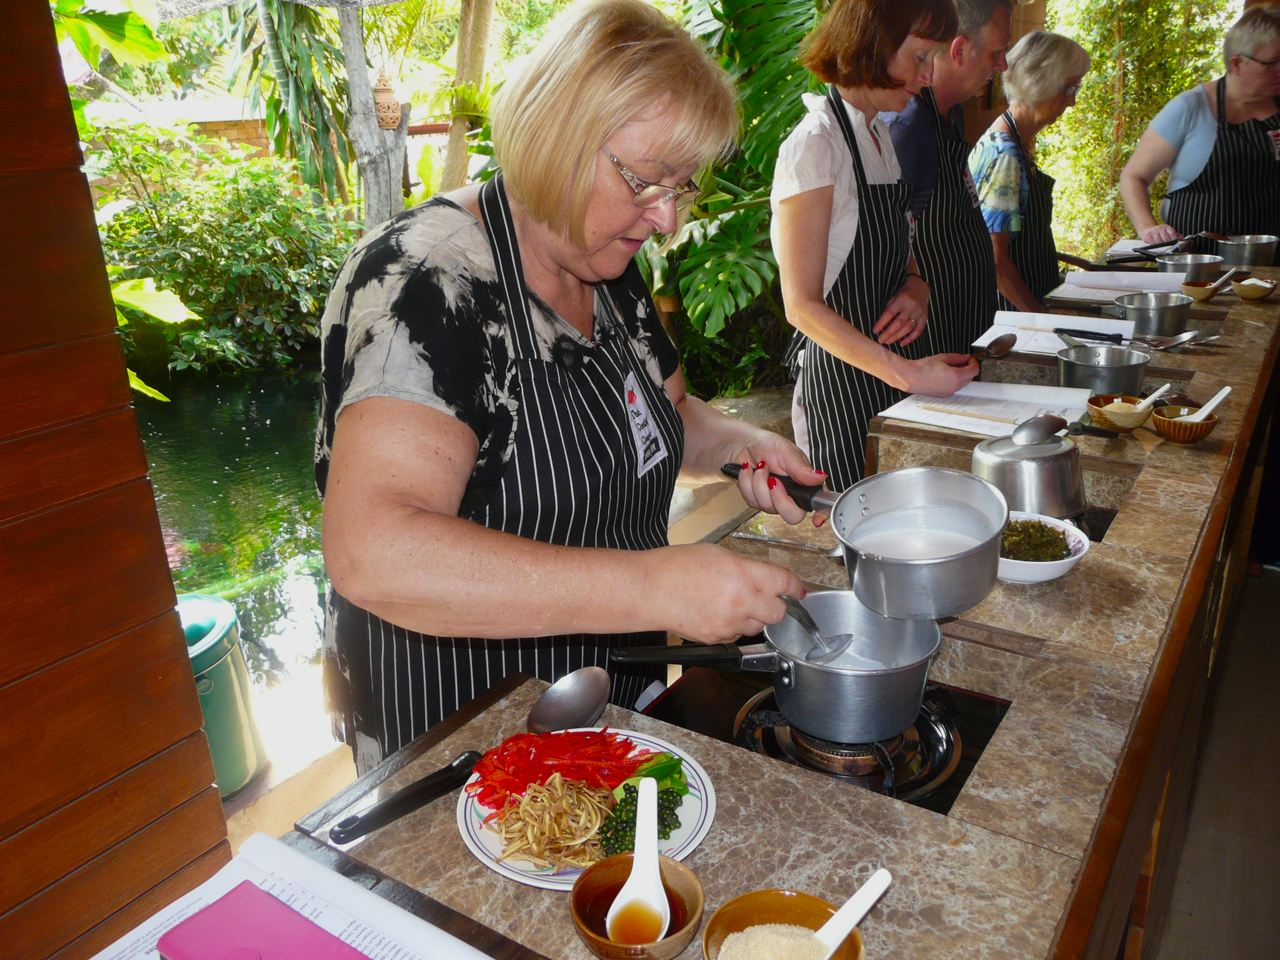 Die Kochfee Monika von Koch-rezepte.me kocht das Gericht nach und hat viel Spaß dabei